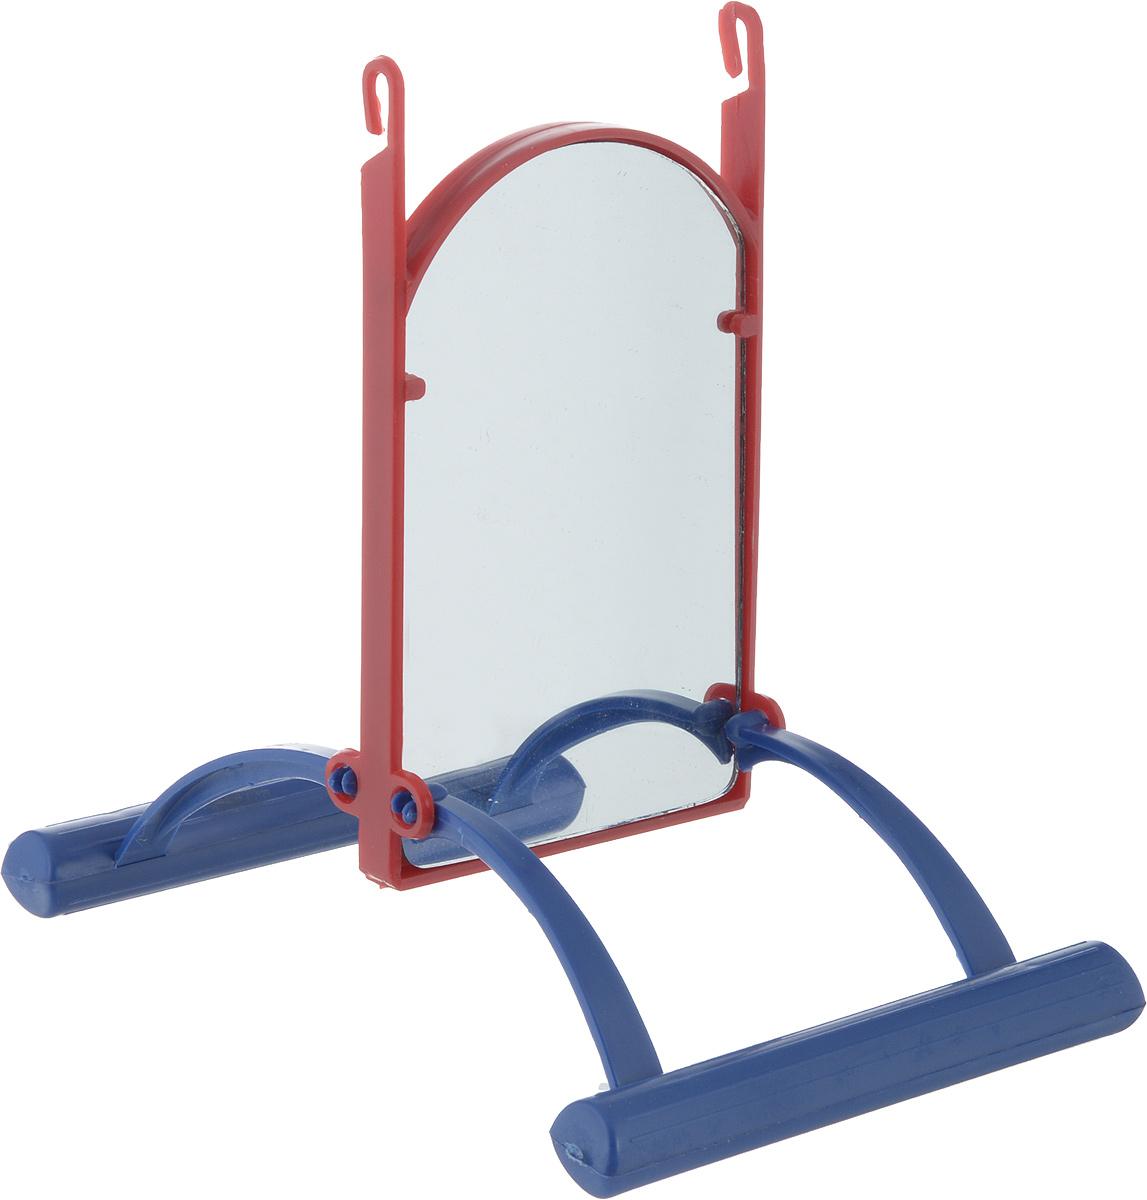 Зеркало для попугая Trixie, цвет: синий, красный, вид 2, 13 см цена